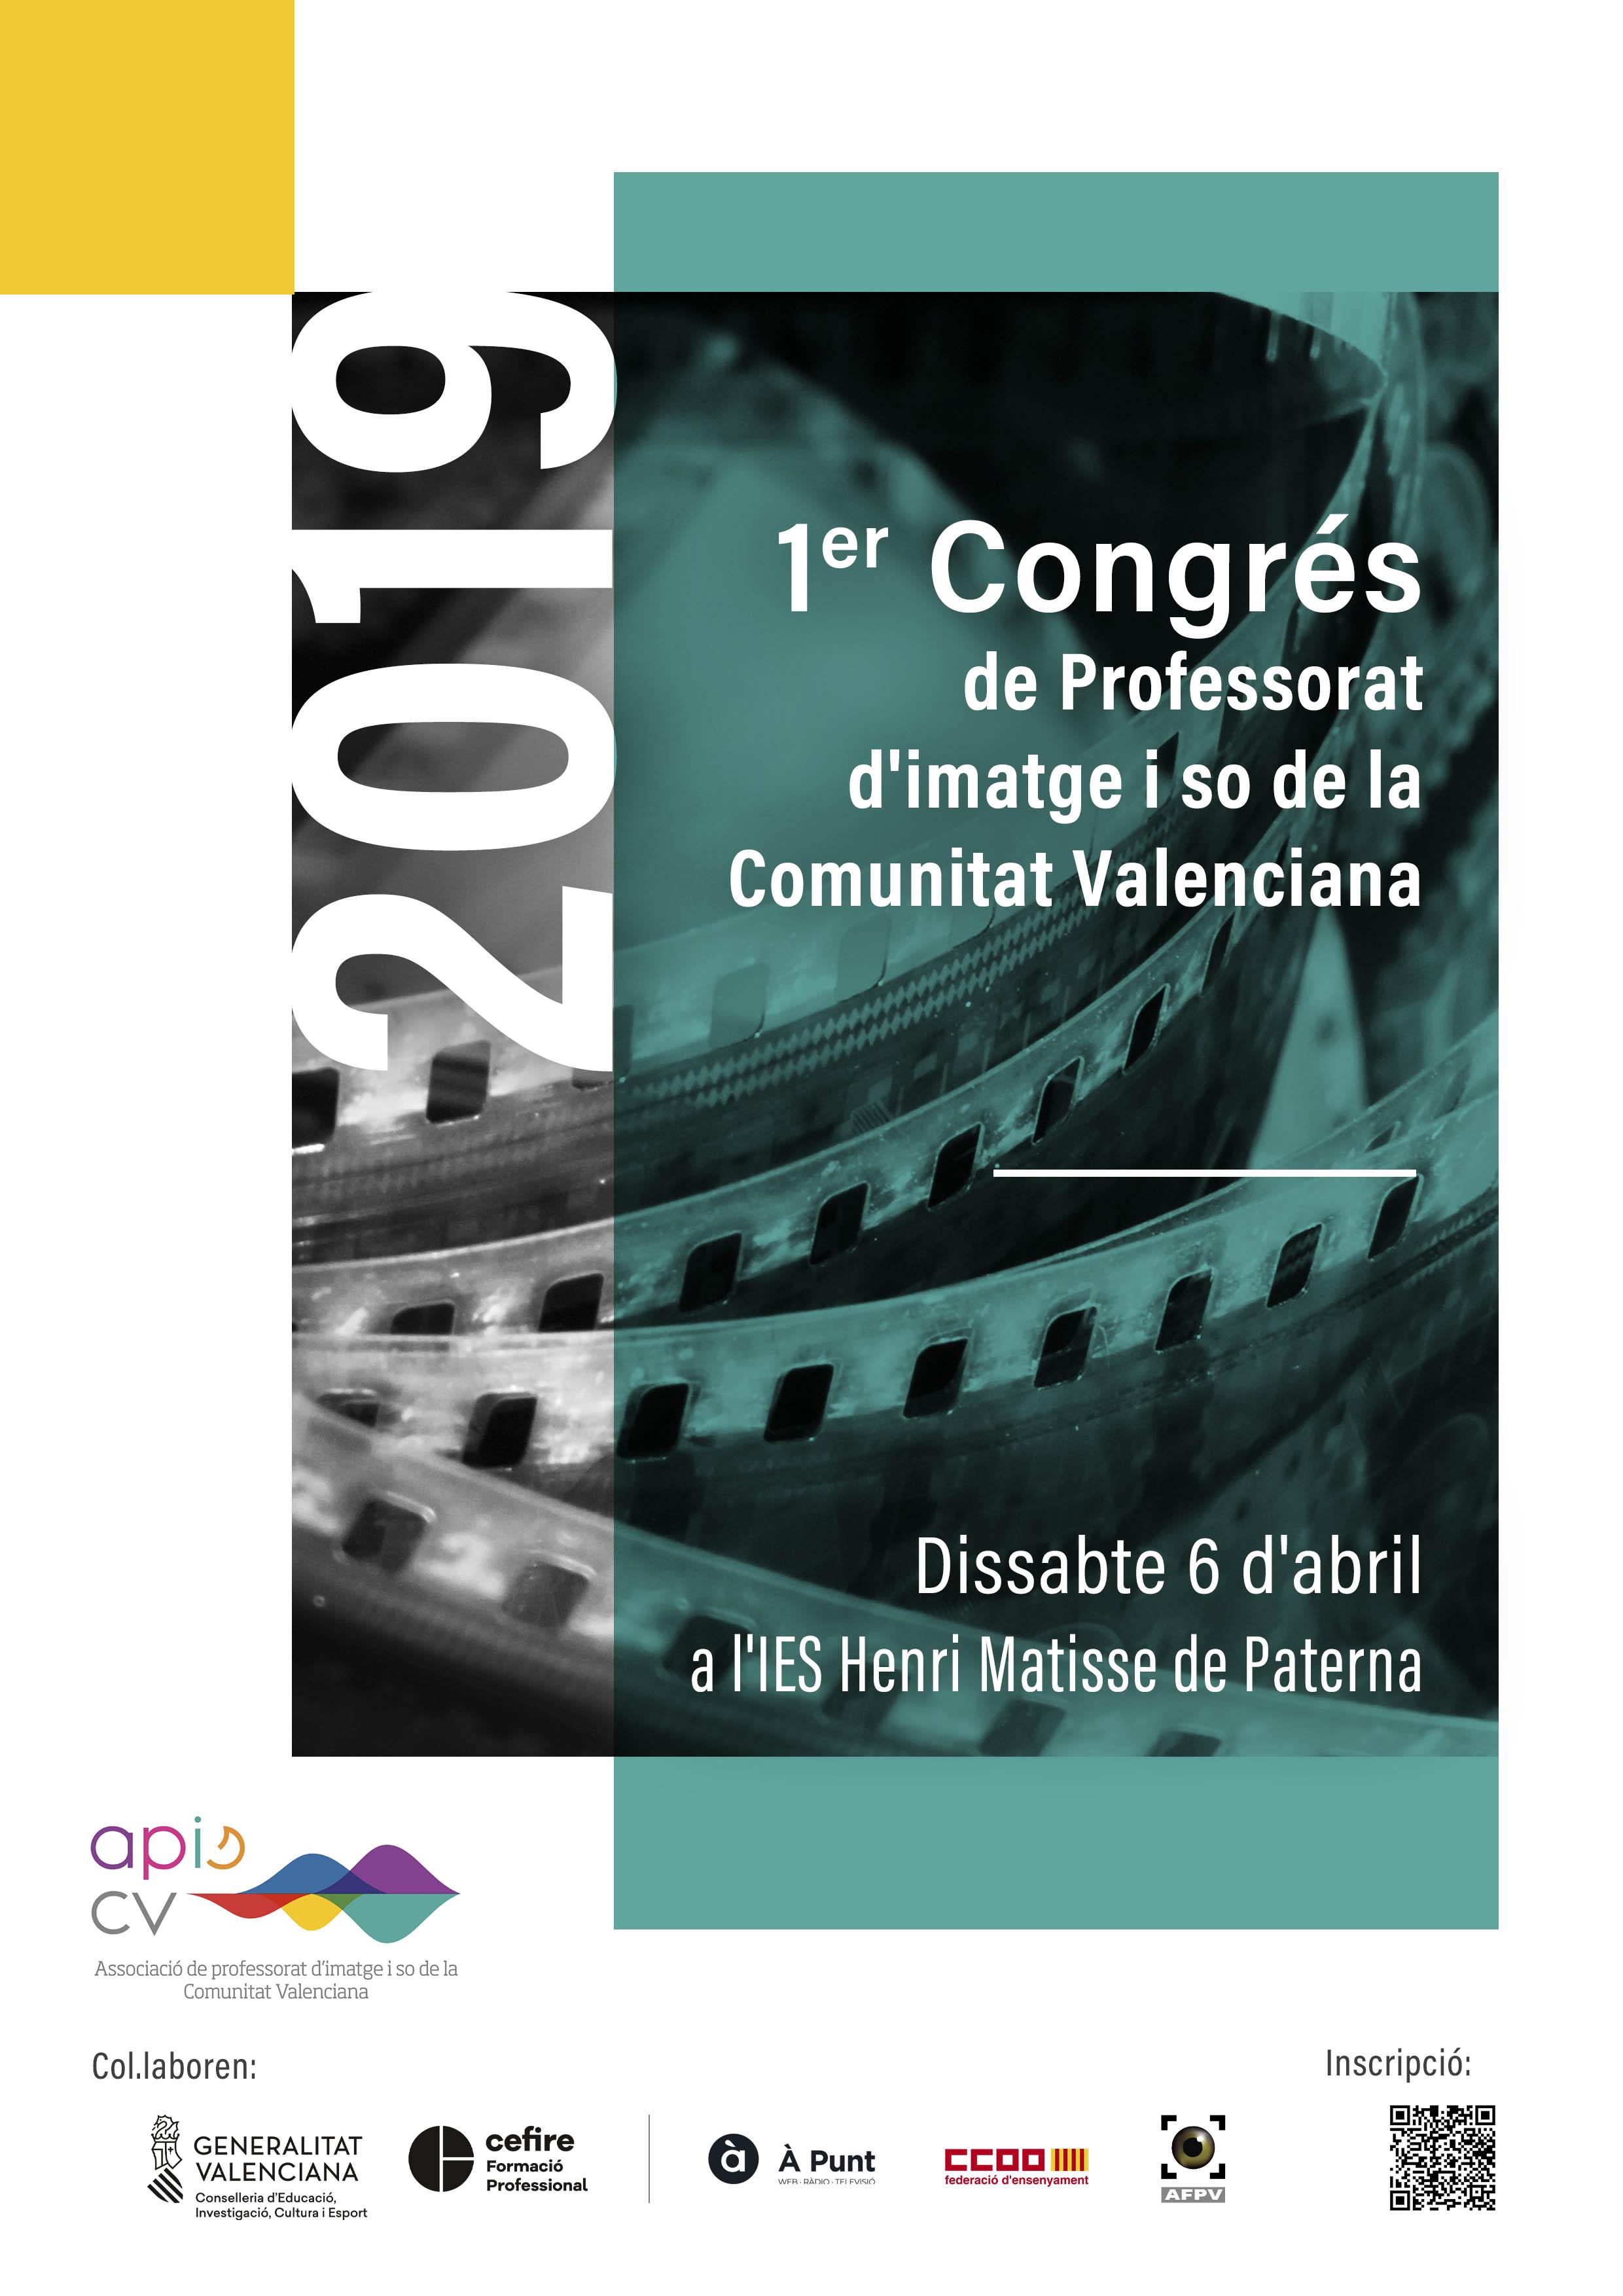 Se celebra el 1r Congrés de professorat d'imatge i so de la Comunitat Valenciana a Paterna